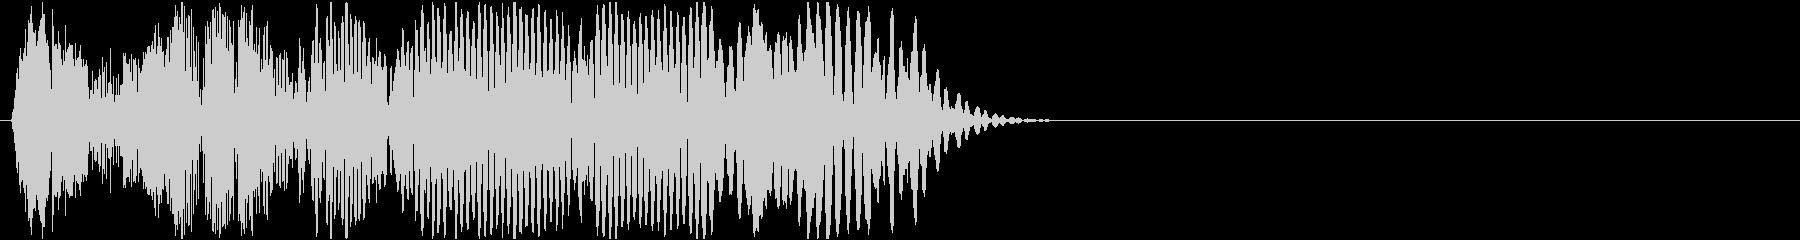 ピュッ(選択決定・スコアカウンター音)の未再生の波形